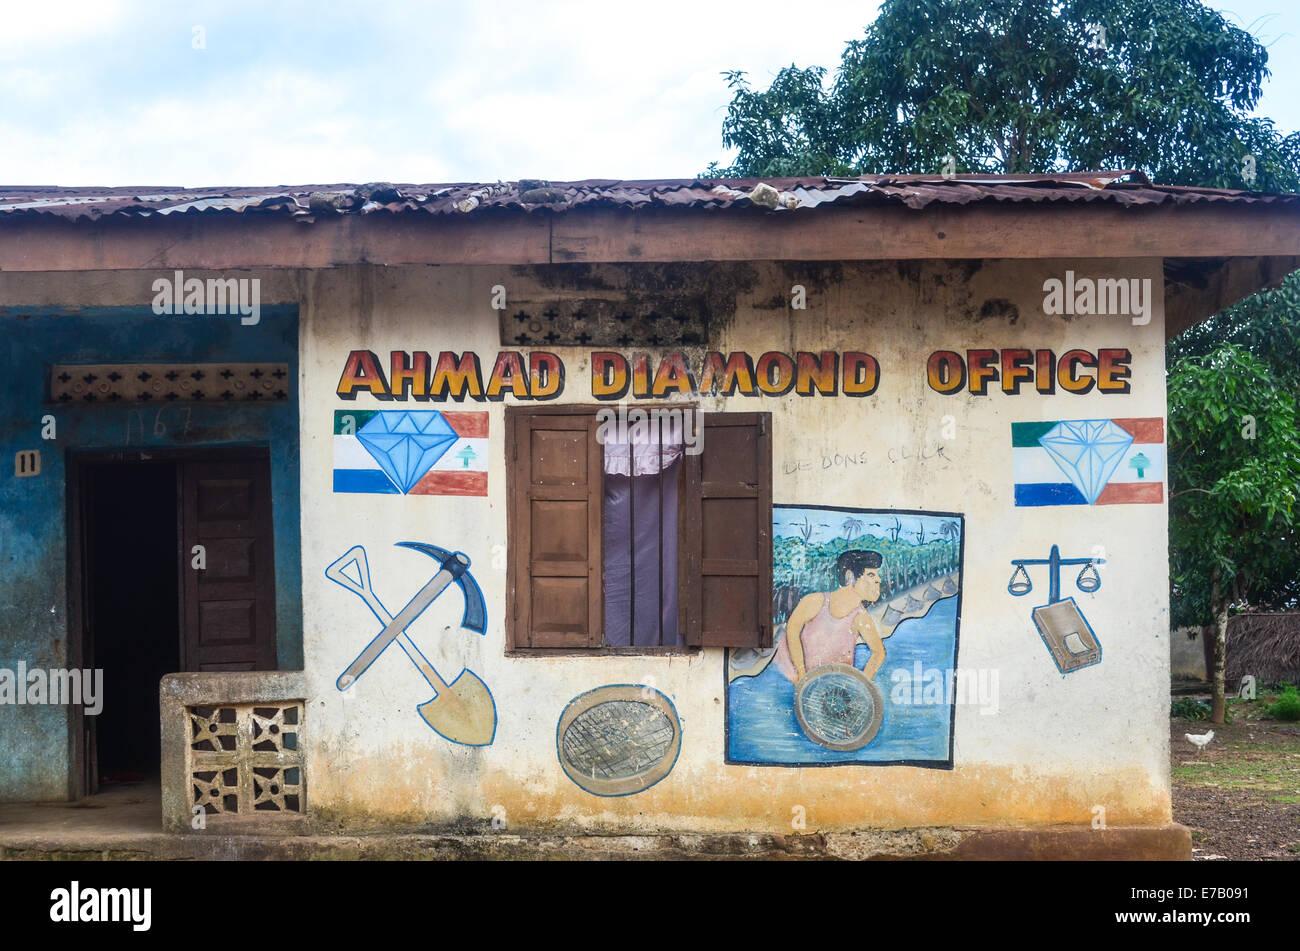 A shop in diamond mining in eastern Sierra Leone, near Bo - Stock Image